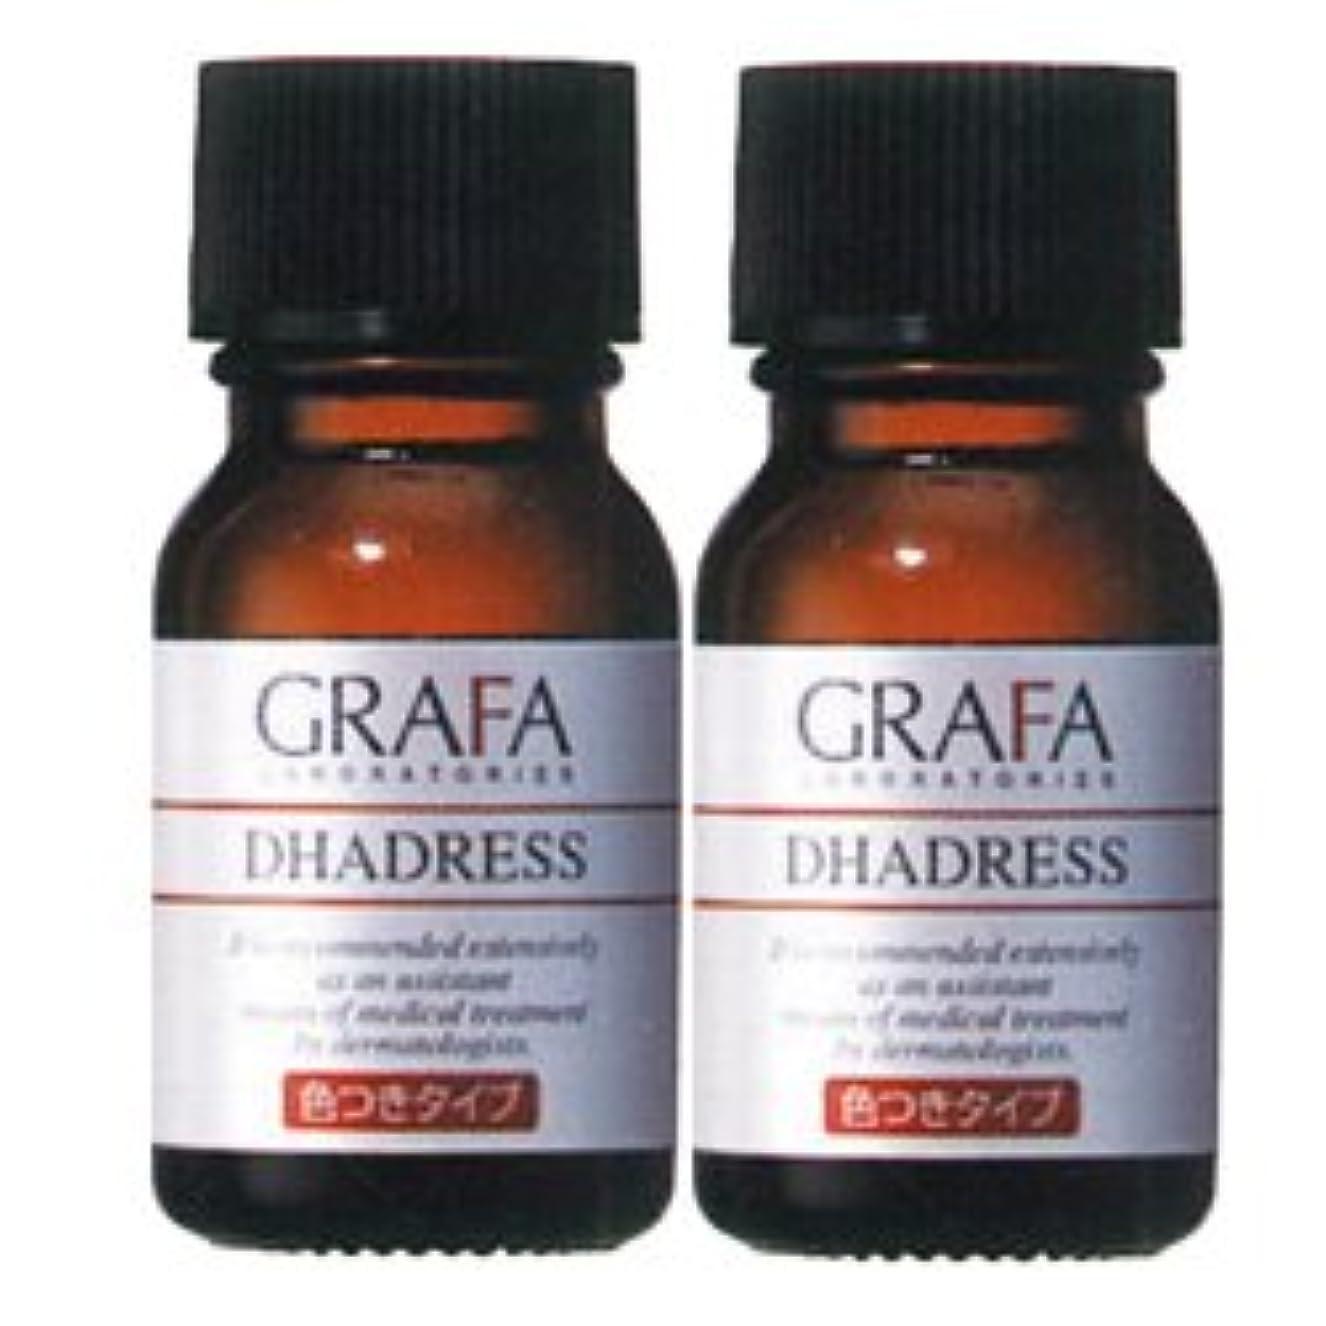 自治雑多なめんどりグラファ ダドレスC (色つきタイプ) 11mL×2本 着色用化粧水 GRAFA DHADRESS